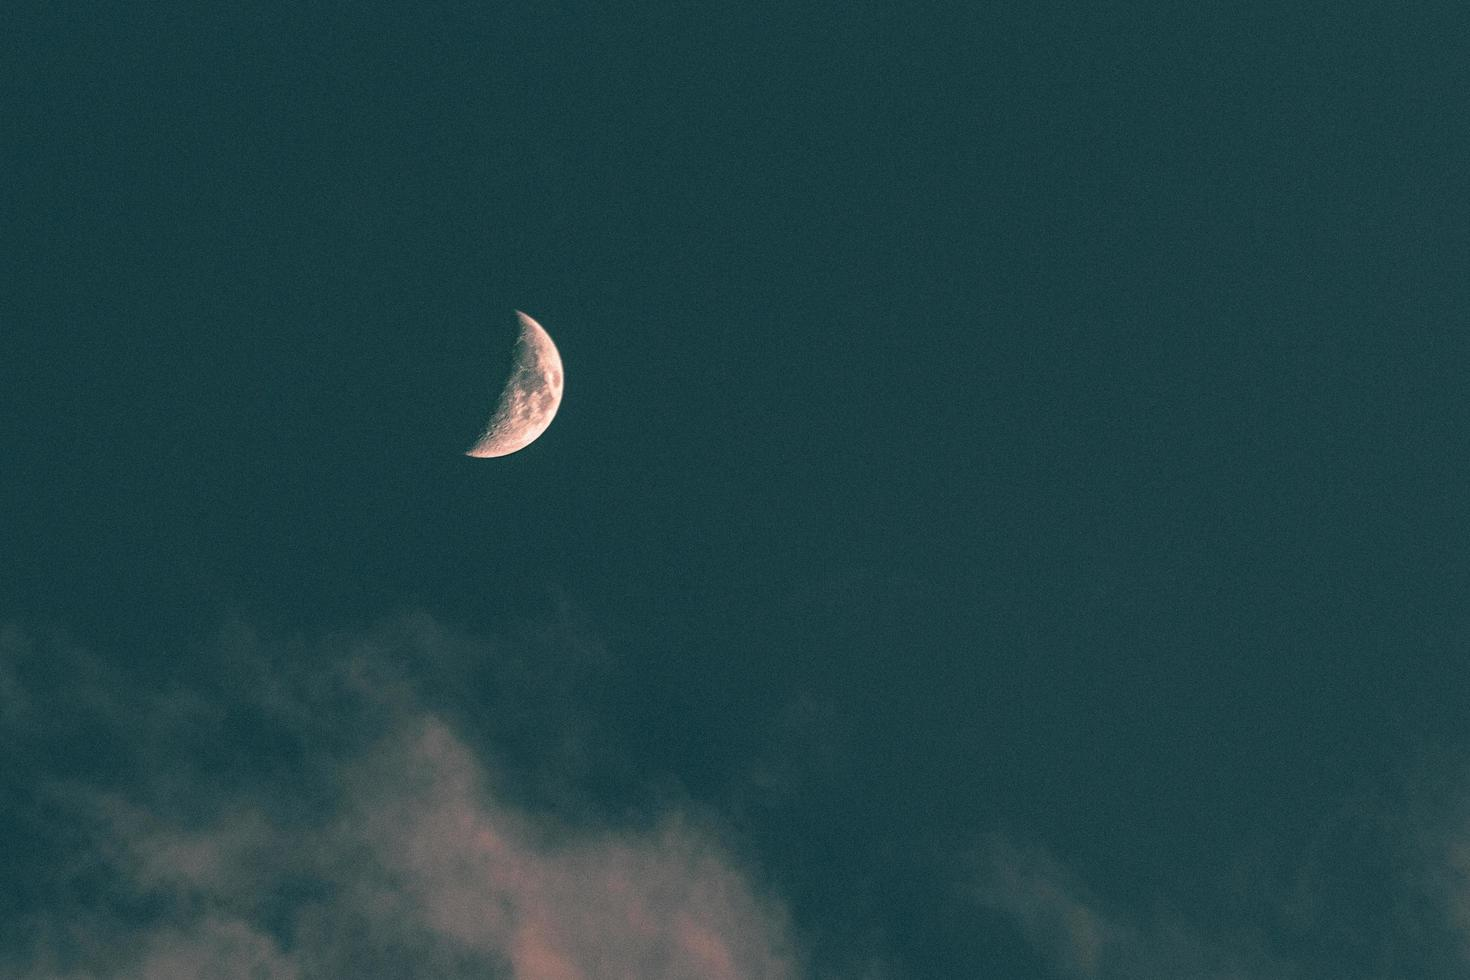 Vollmond im blauen Himmel foto